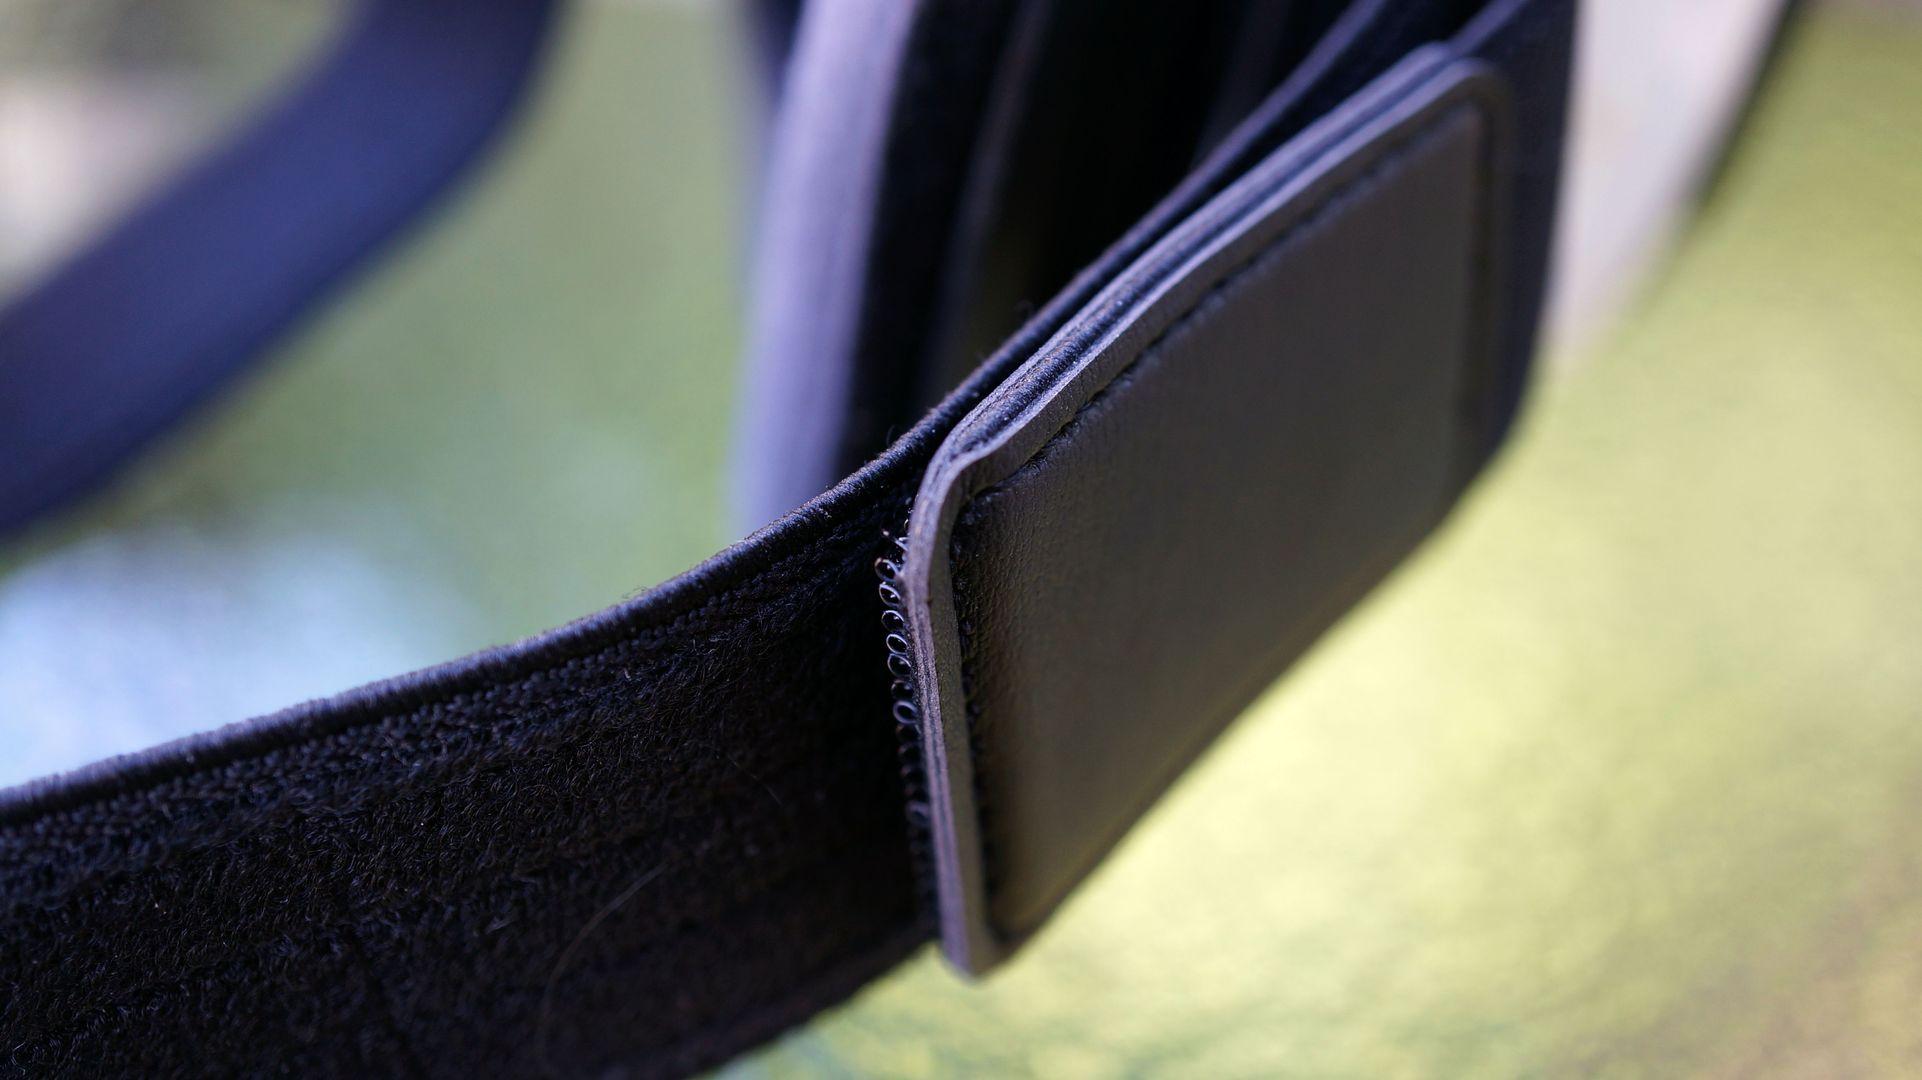 Samsung Gear VR: Dubbelvikt kardborreband och vassa kanter skaver obehagligt mot våra öron.